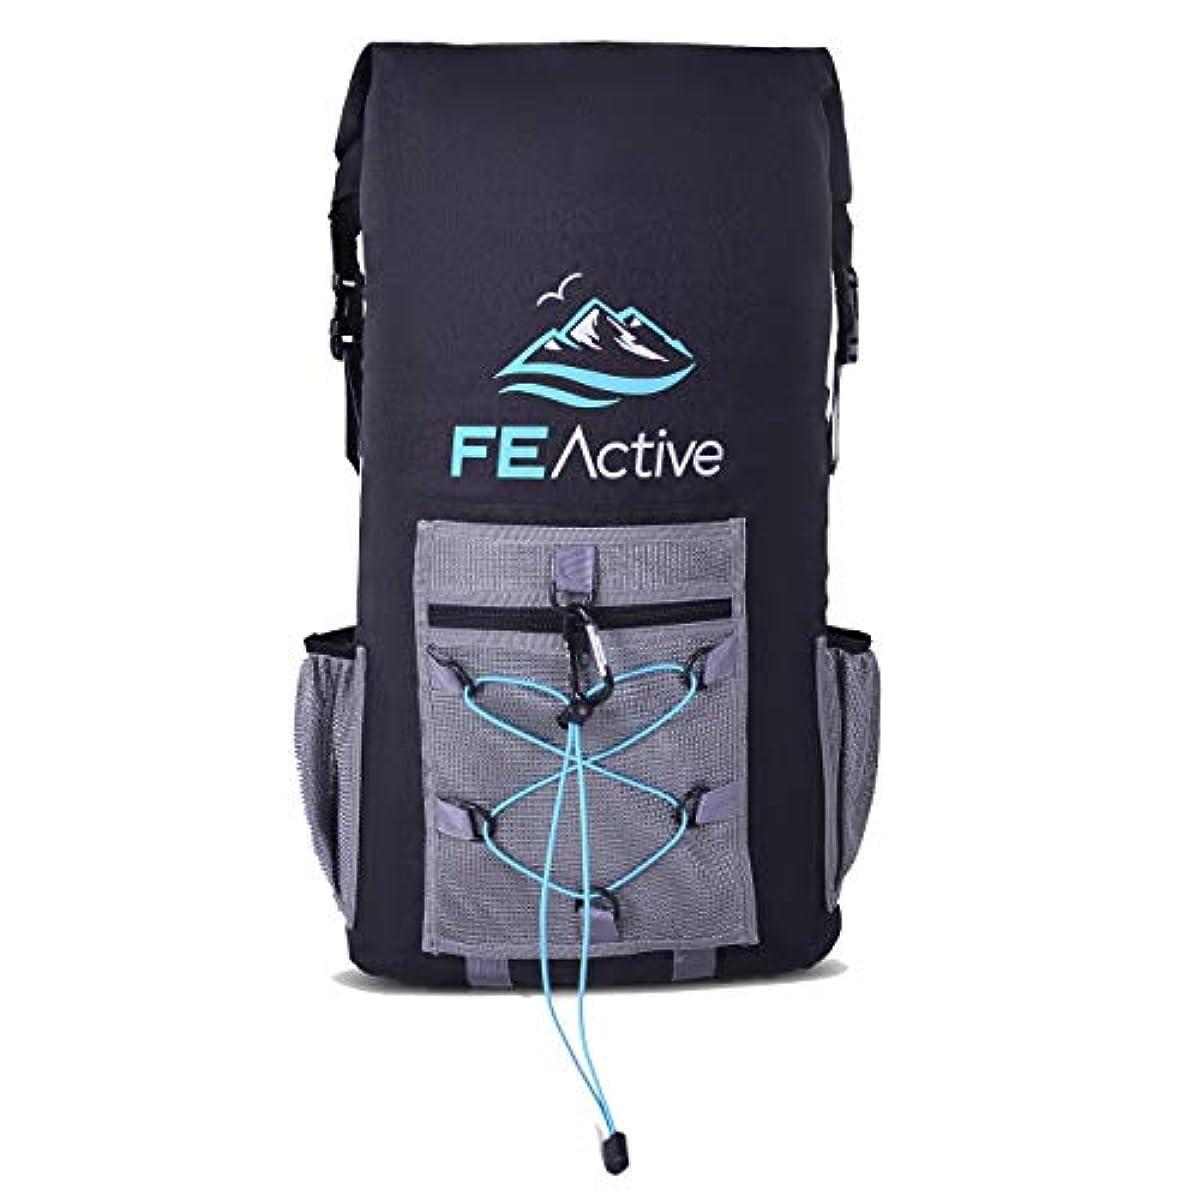 [해외] FE ACTIVE – 35L 내수성 쿨러 드라이어이 박스,사운드 호르몬 물질 사용 없음 FDA인증 EVA단열재,장시건의 냉각,캠핑비치하이킹트래킹화이트 팩킹에 최적 | 디자인:미국캘리포니아